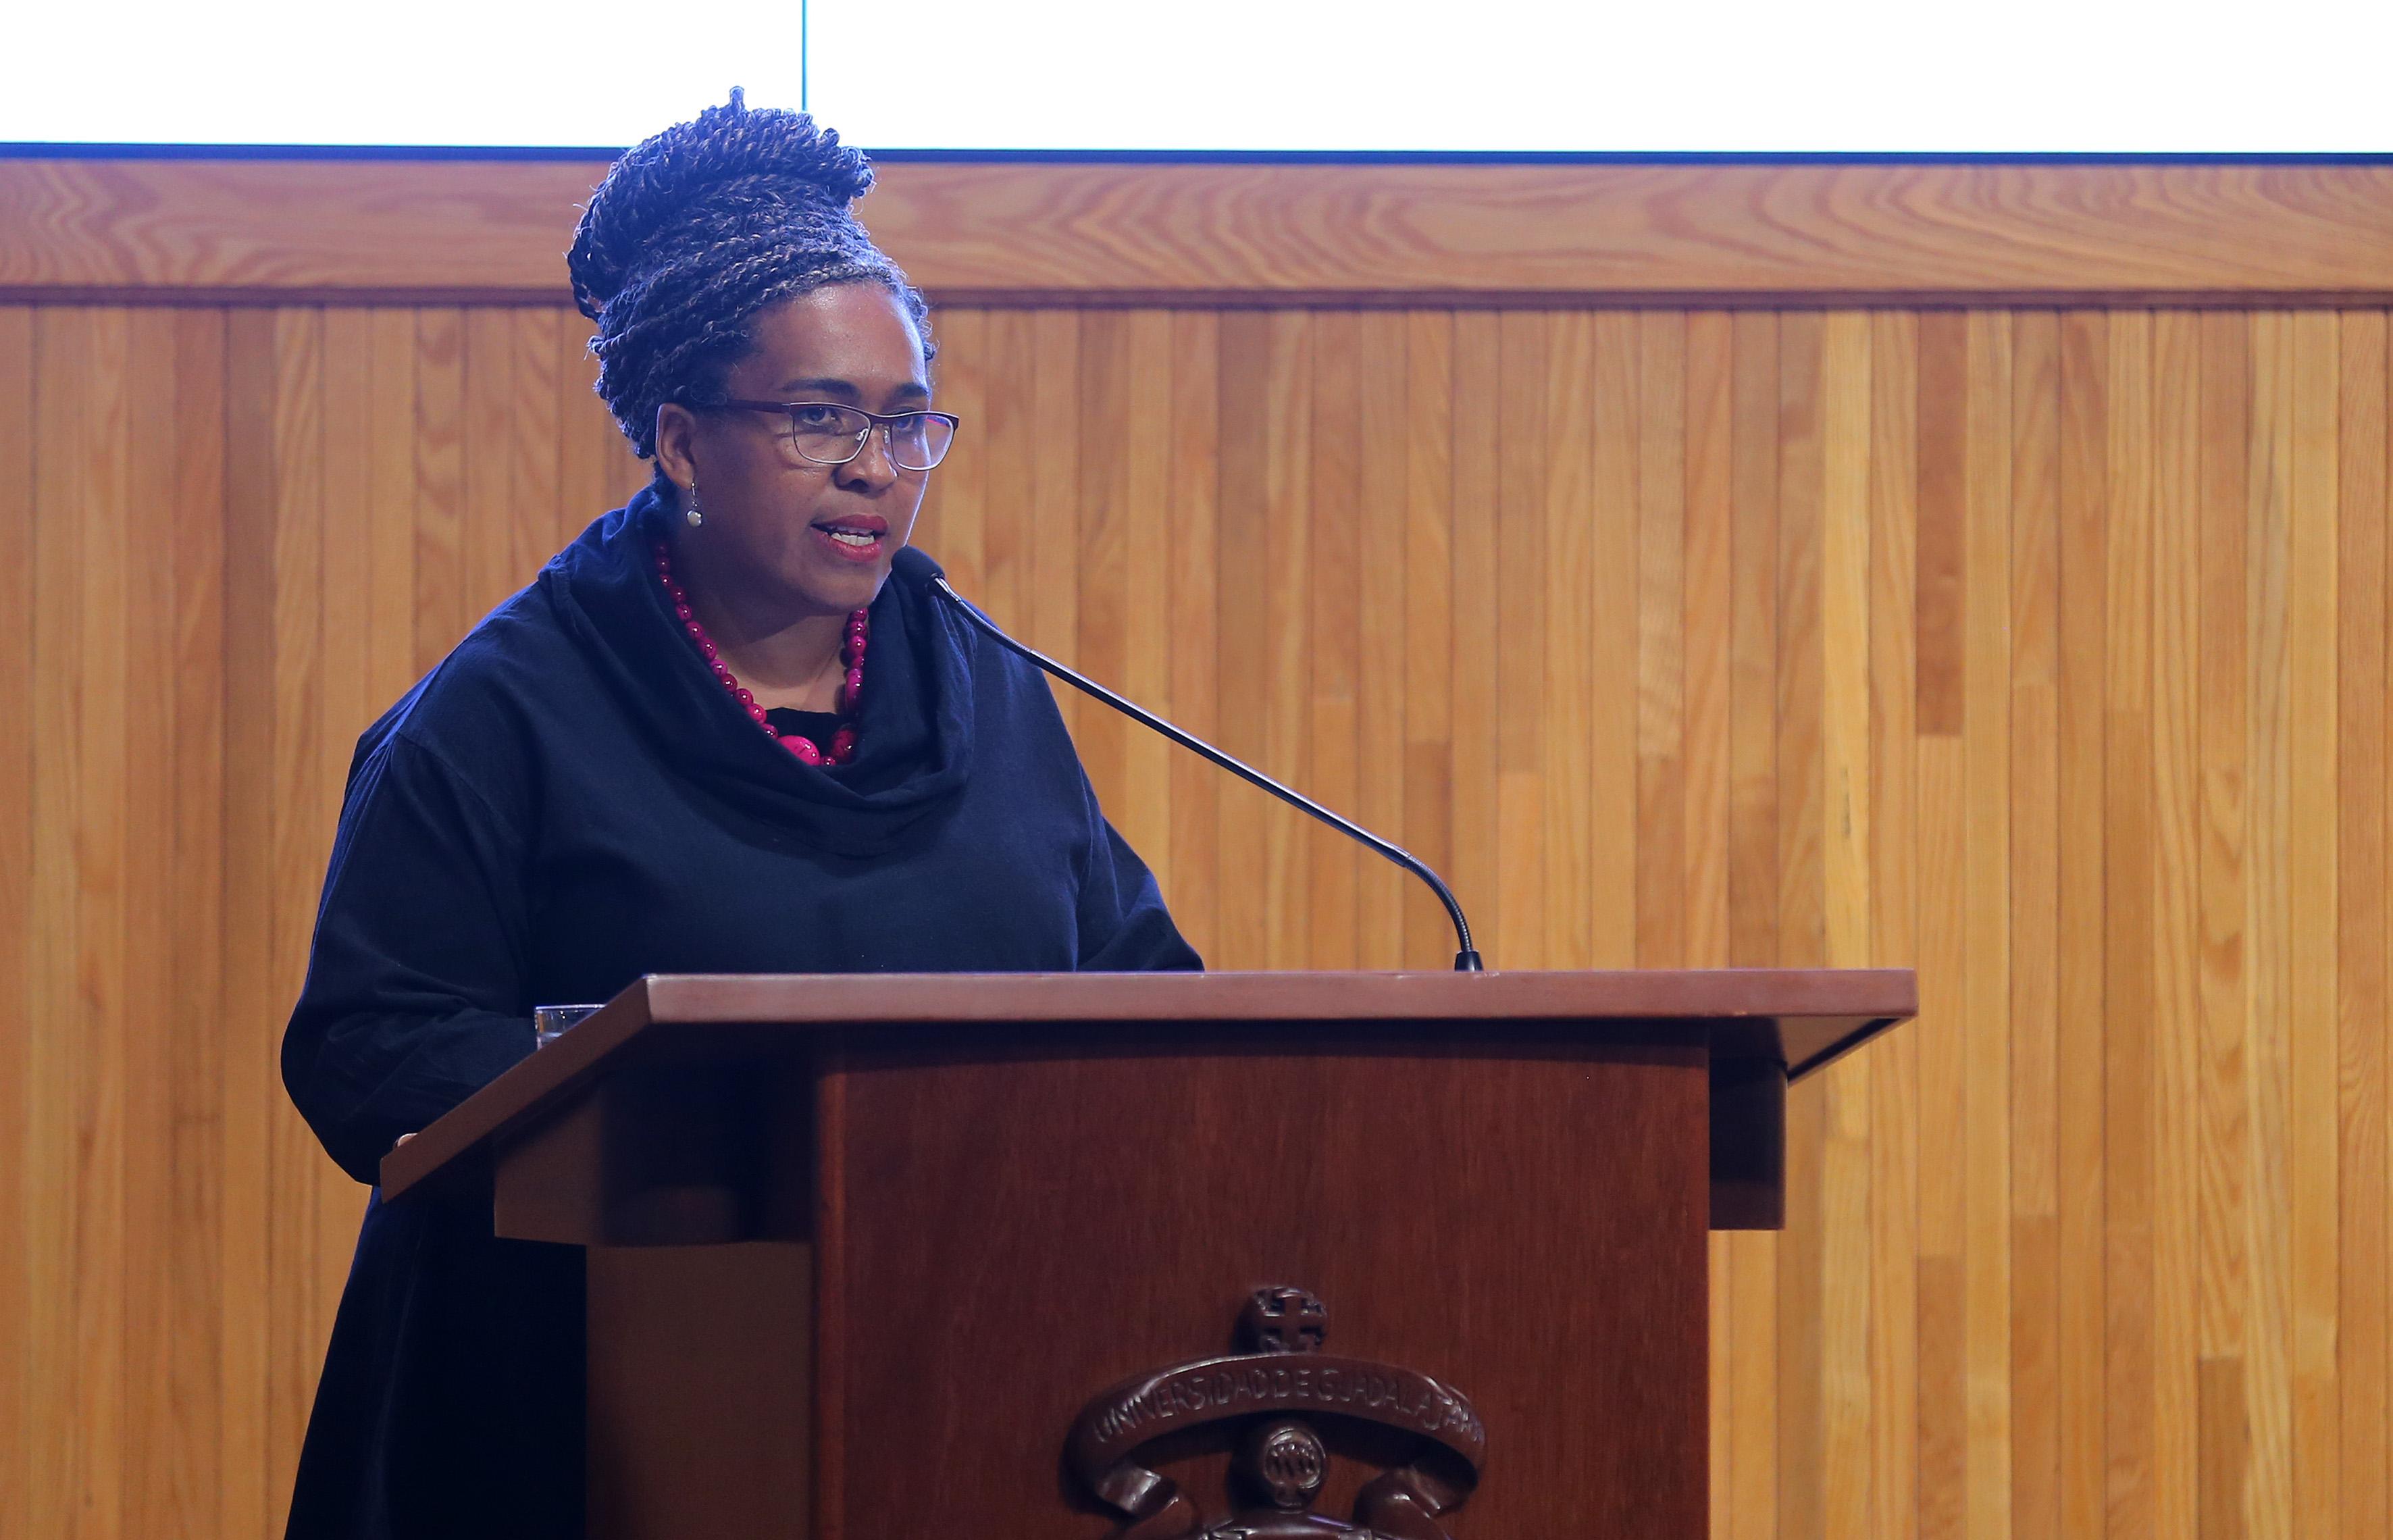 Académica de la Universidad de Cambridge impartiendo la conferencia en la Cátedra de la Interculturalidad.